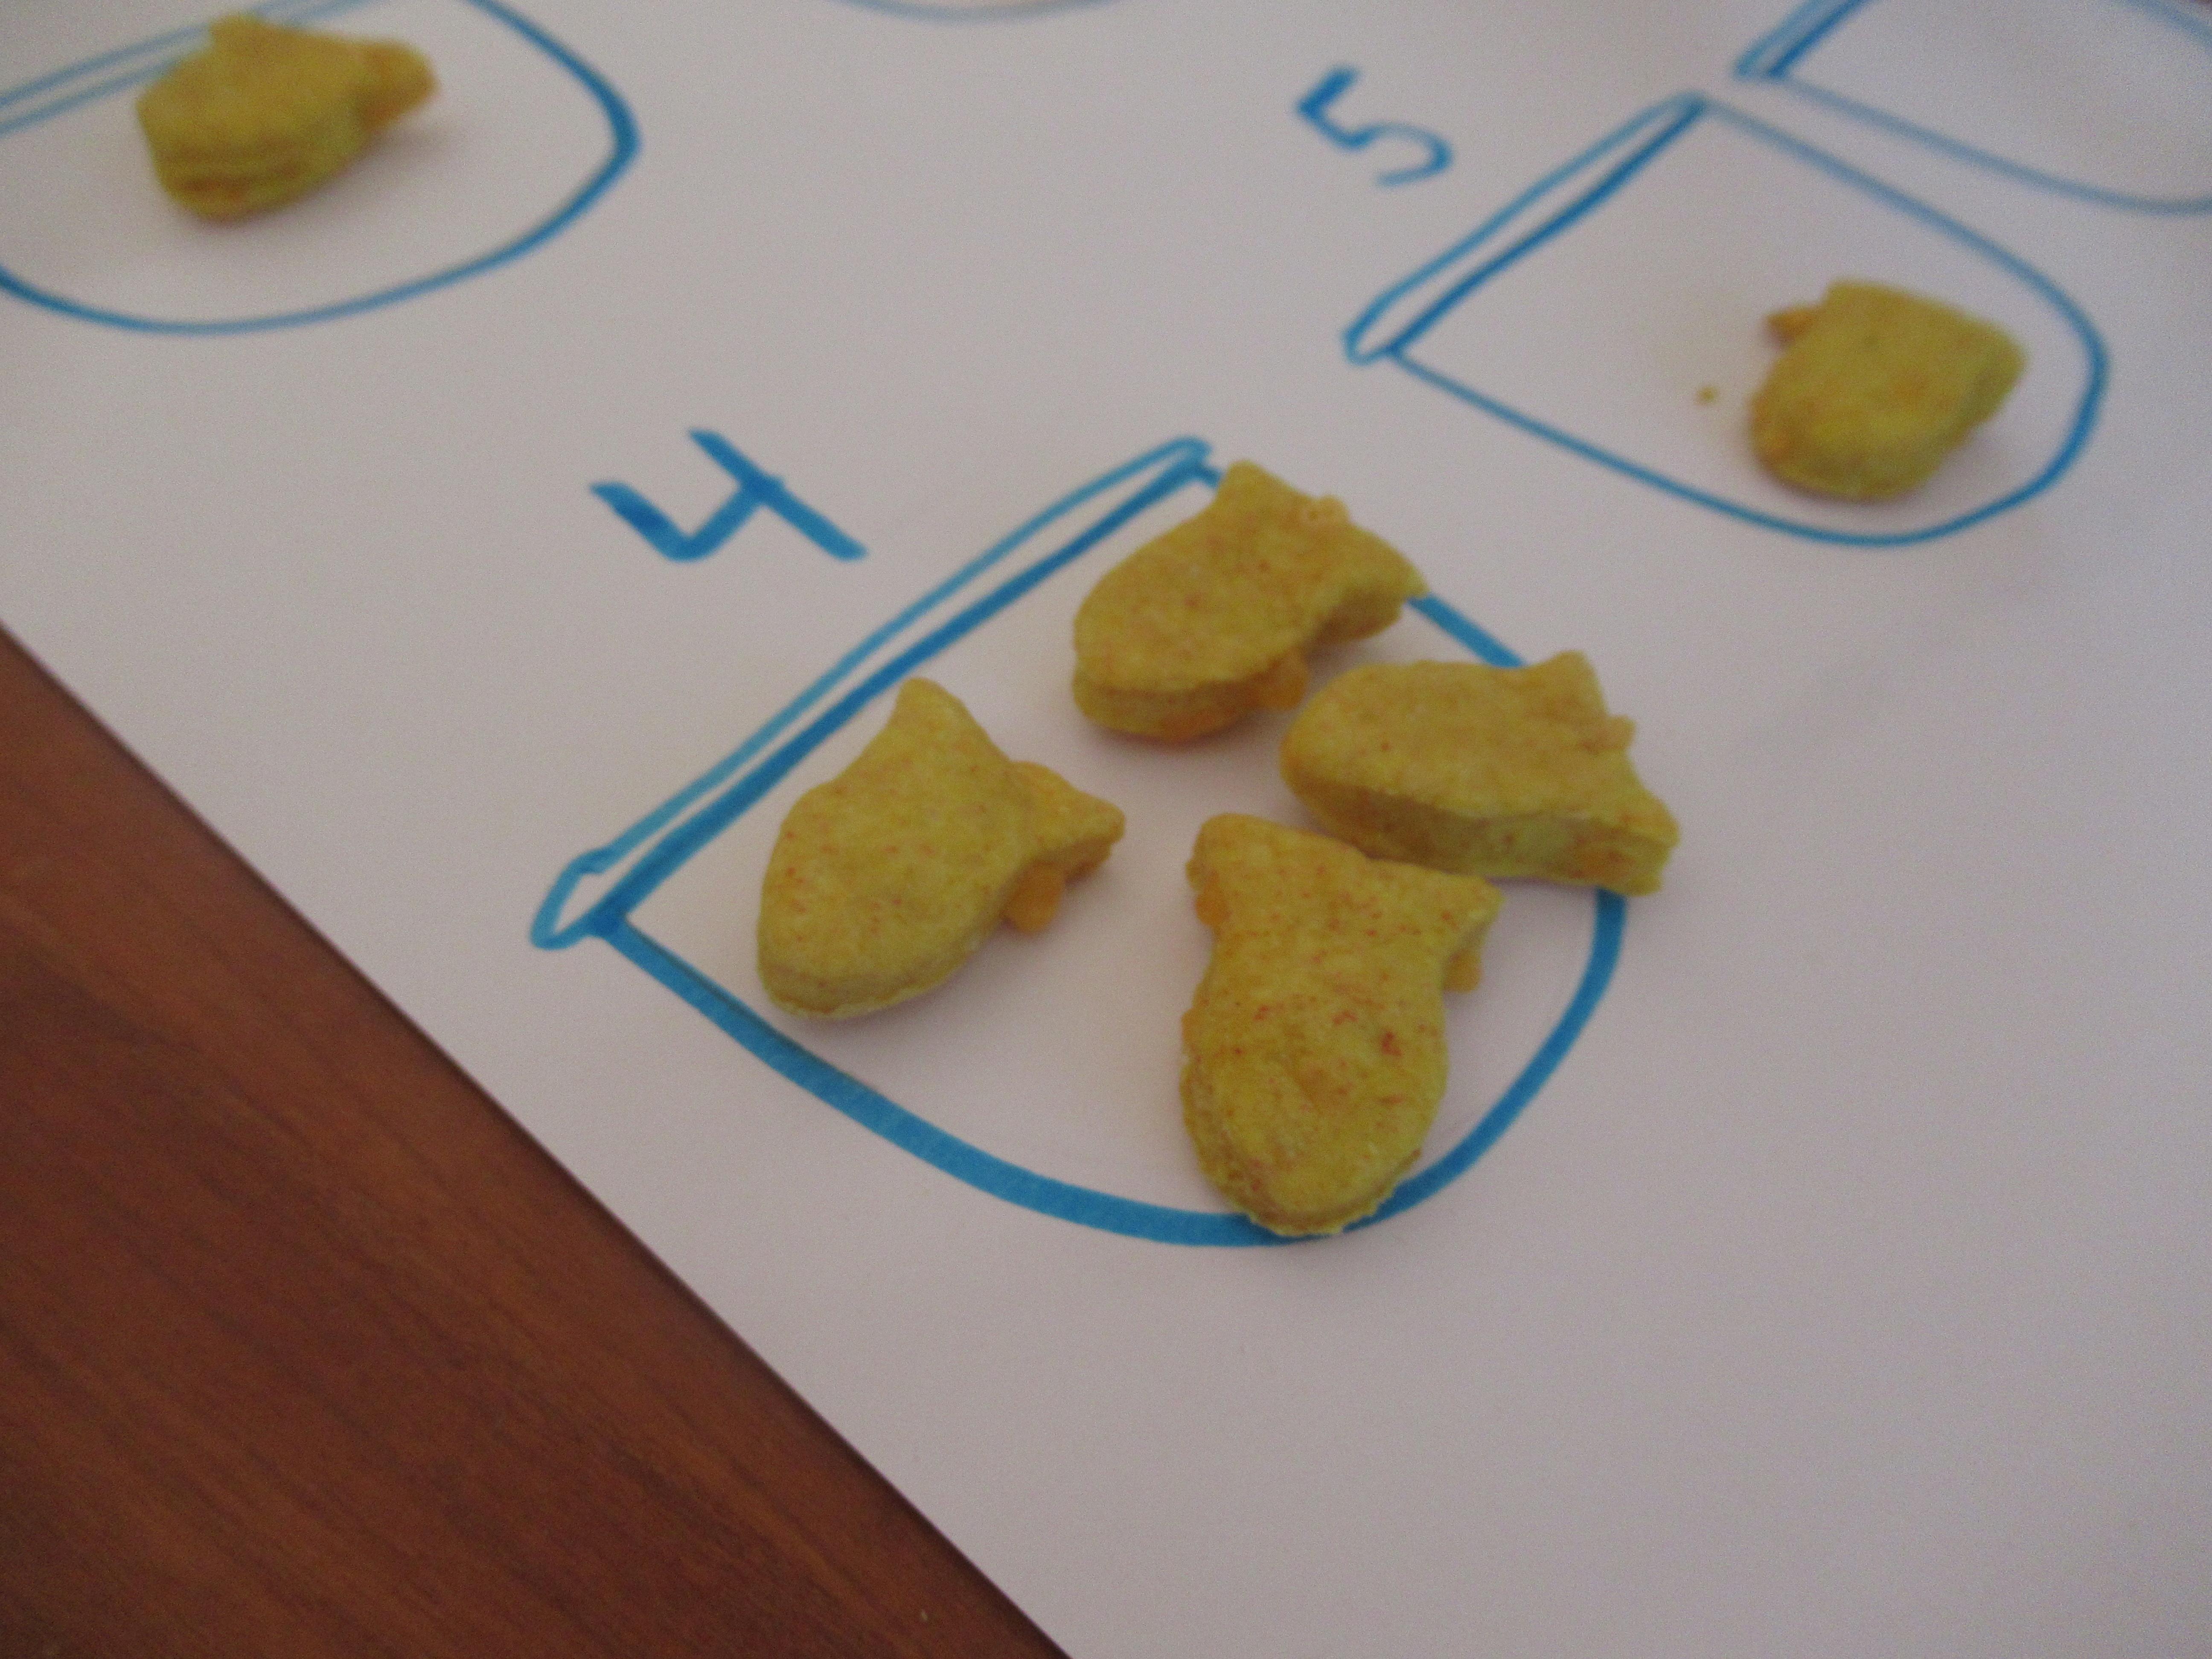 Tweezers & Goldfish (7)